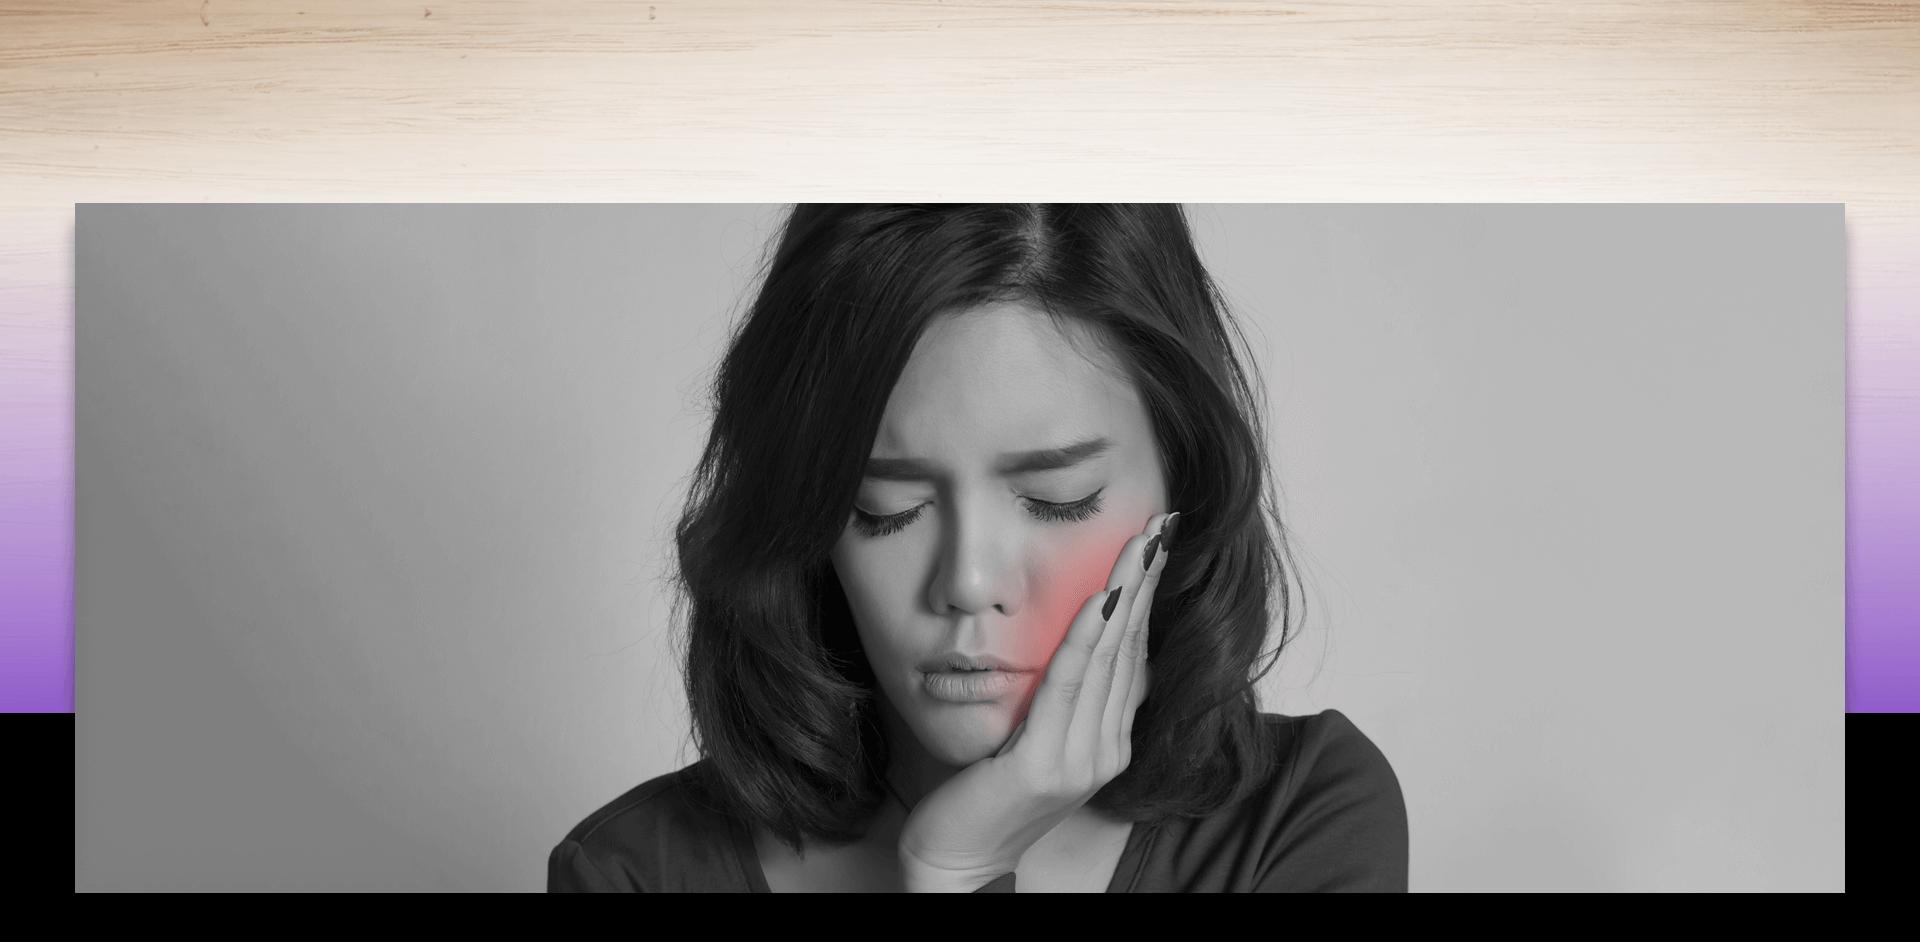 Woman in pain touching her cheek